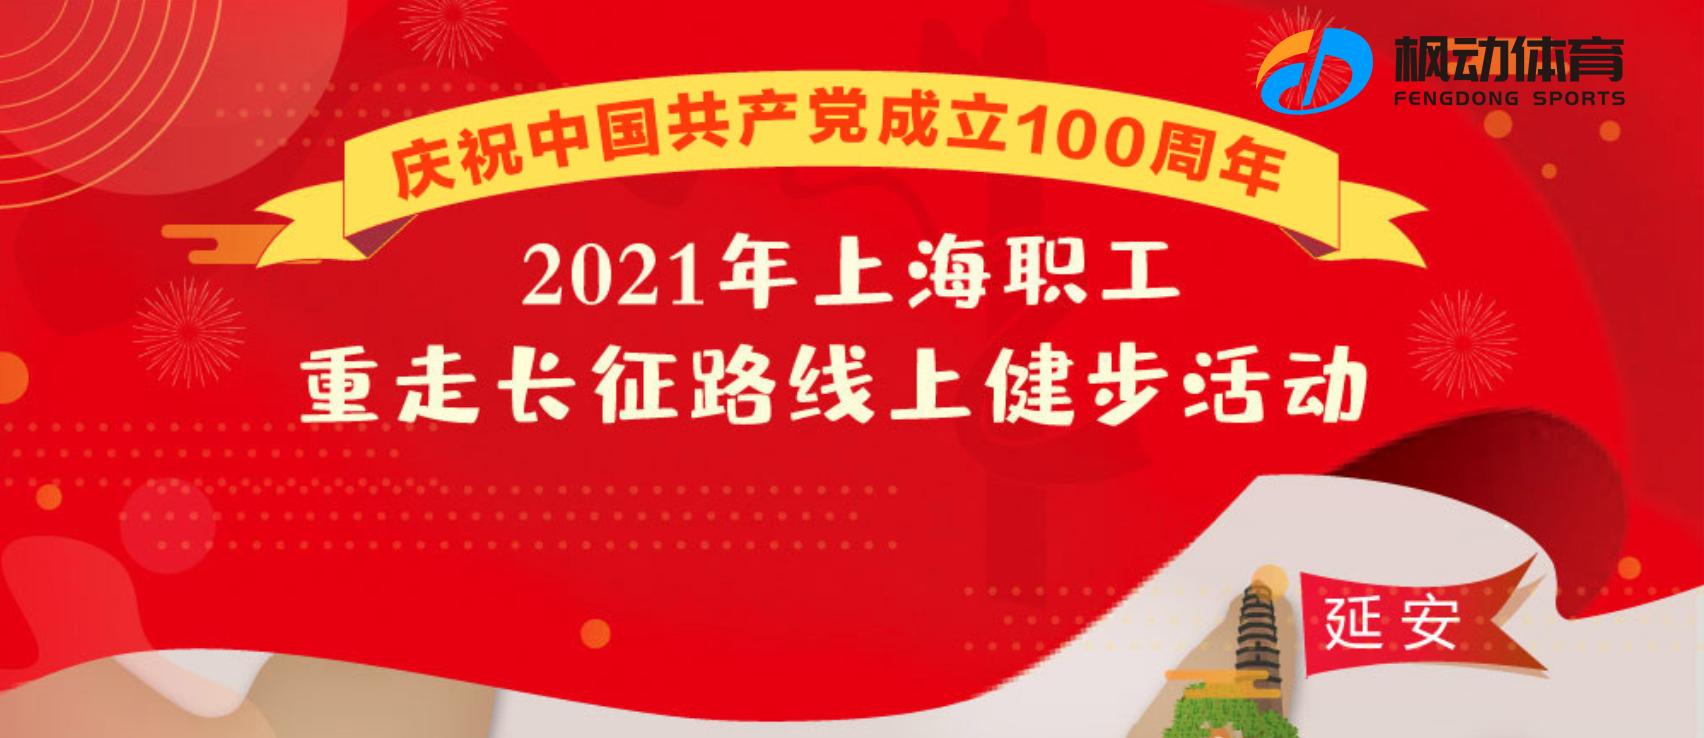 建党100周年主题活动|2021年上海职工重走长征路线上健步走活动